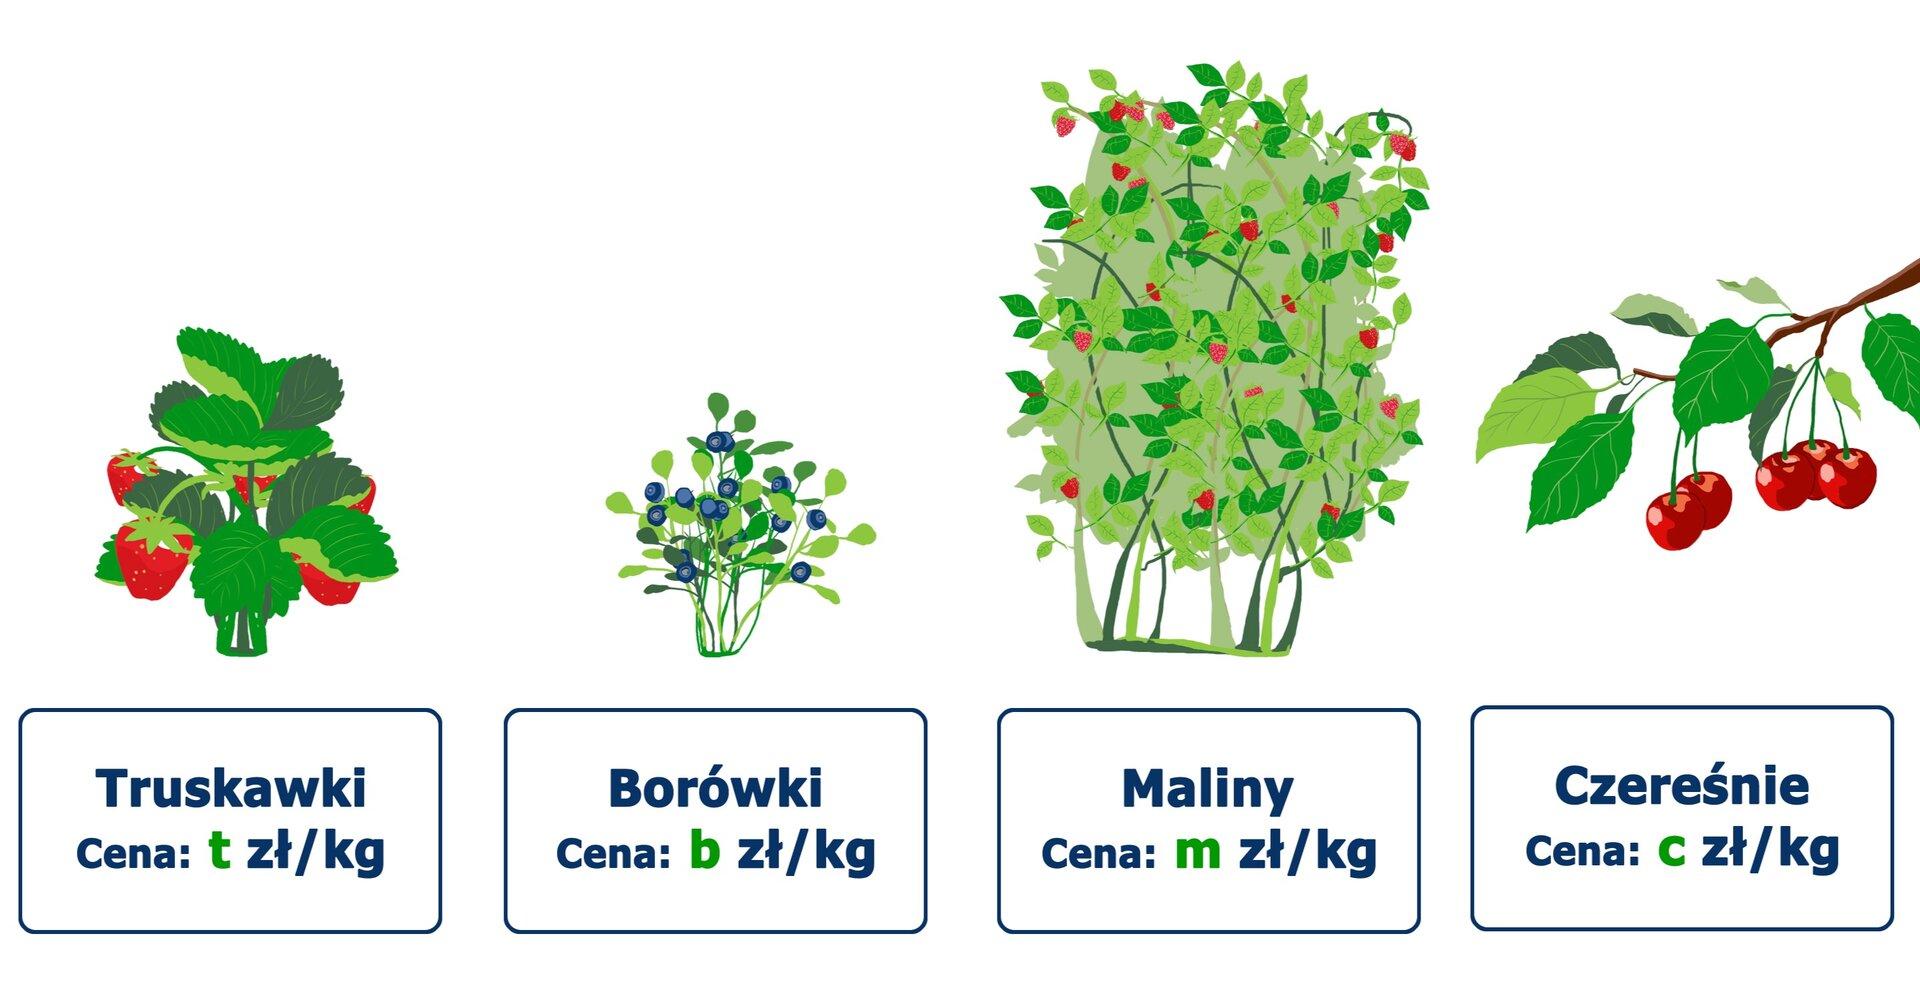 Rysunki owoców: truskawki – cena tzł za kilogram, borówki – cena bzł za kilogram, maliny – cena mzł za kilogram, czereśnie – czł za kilogram.